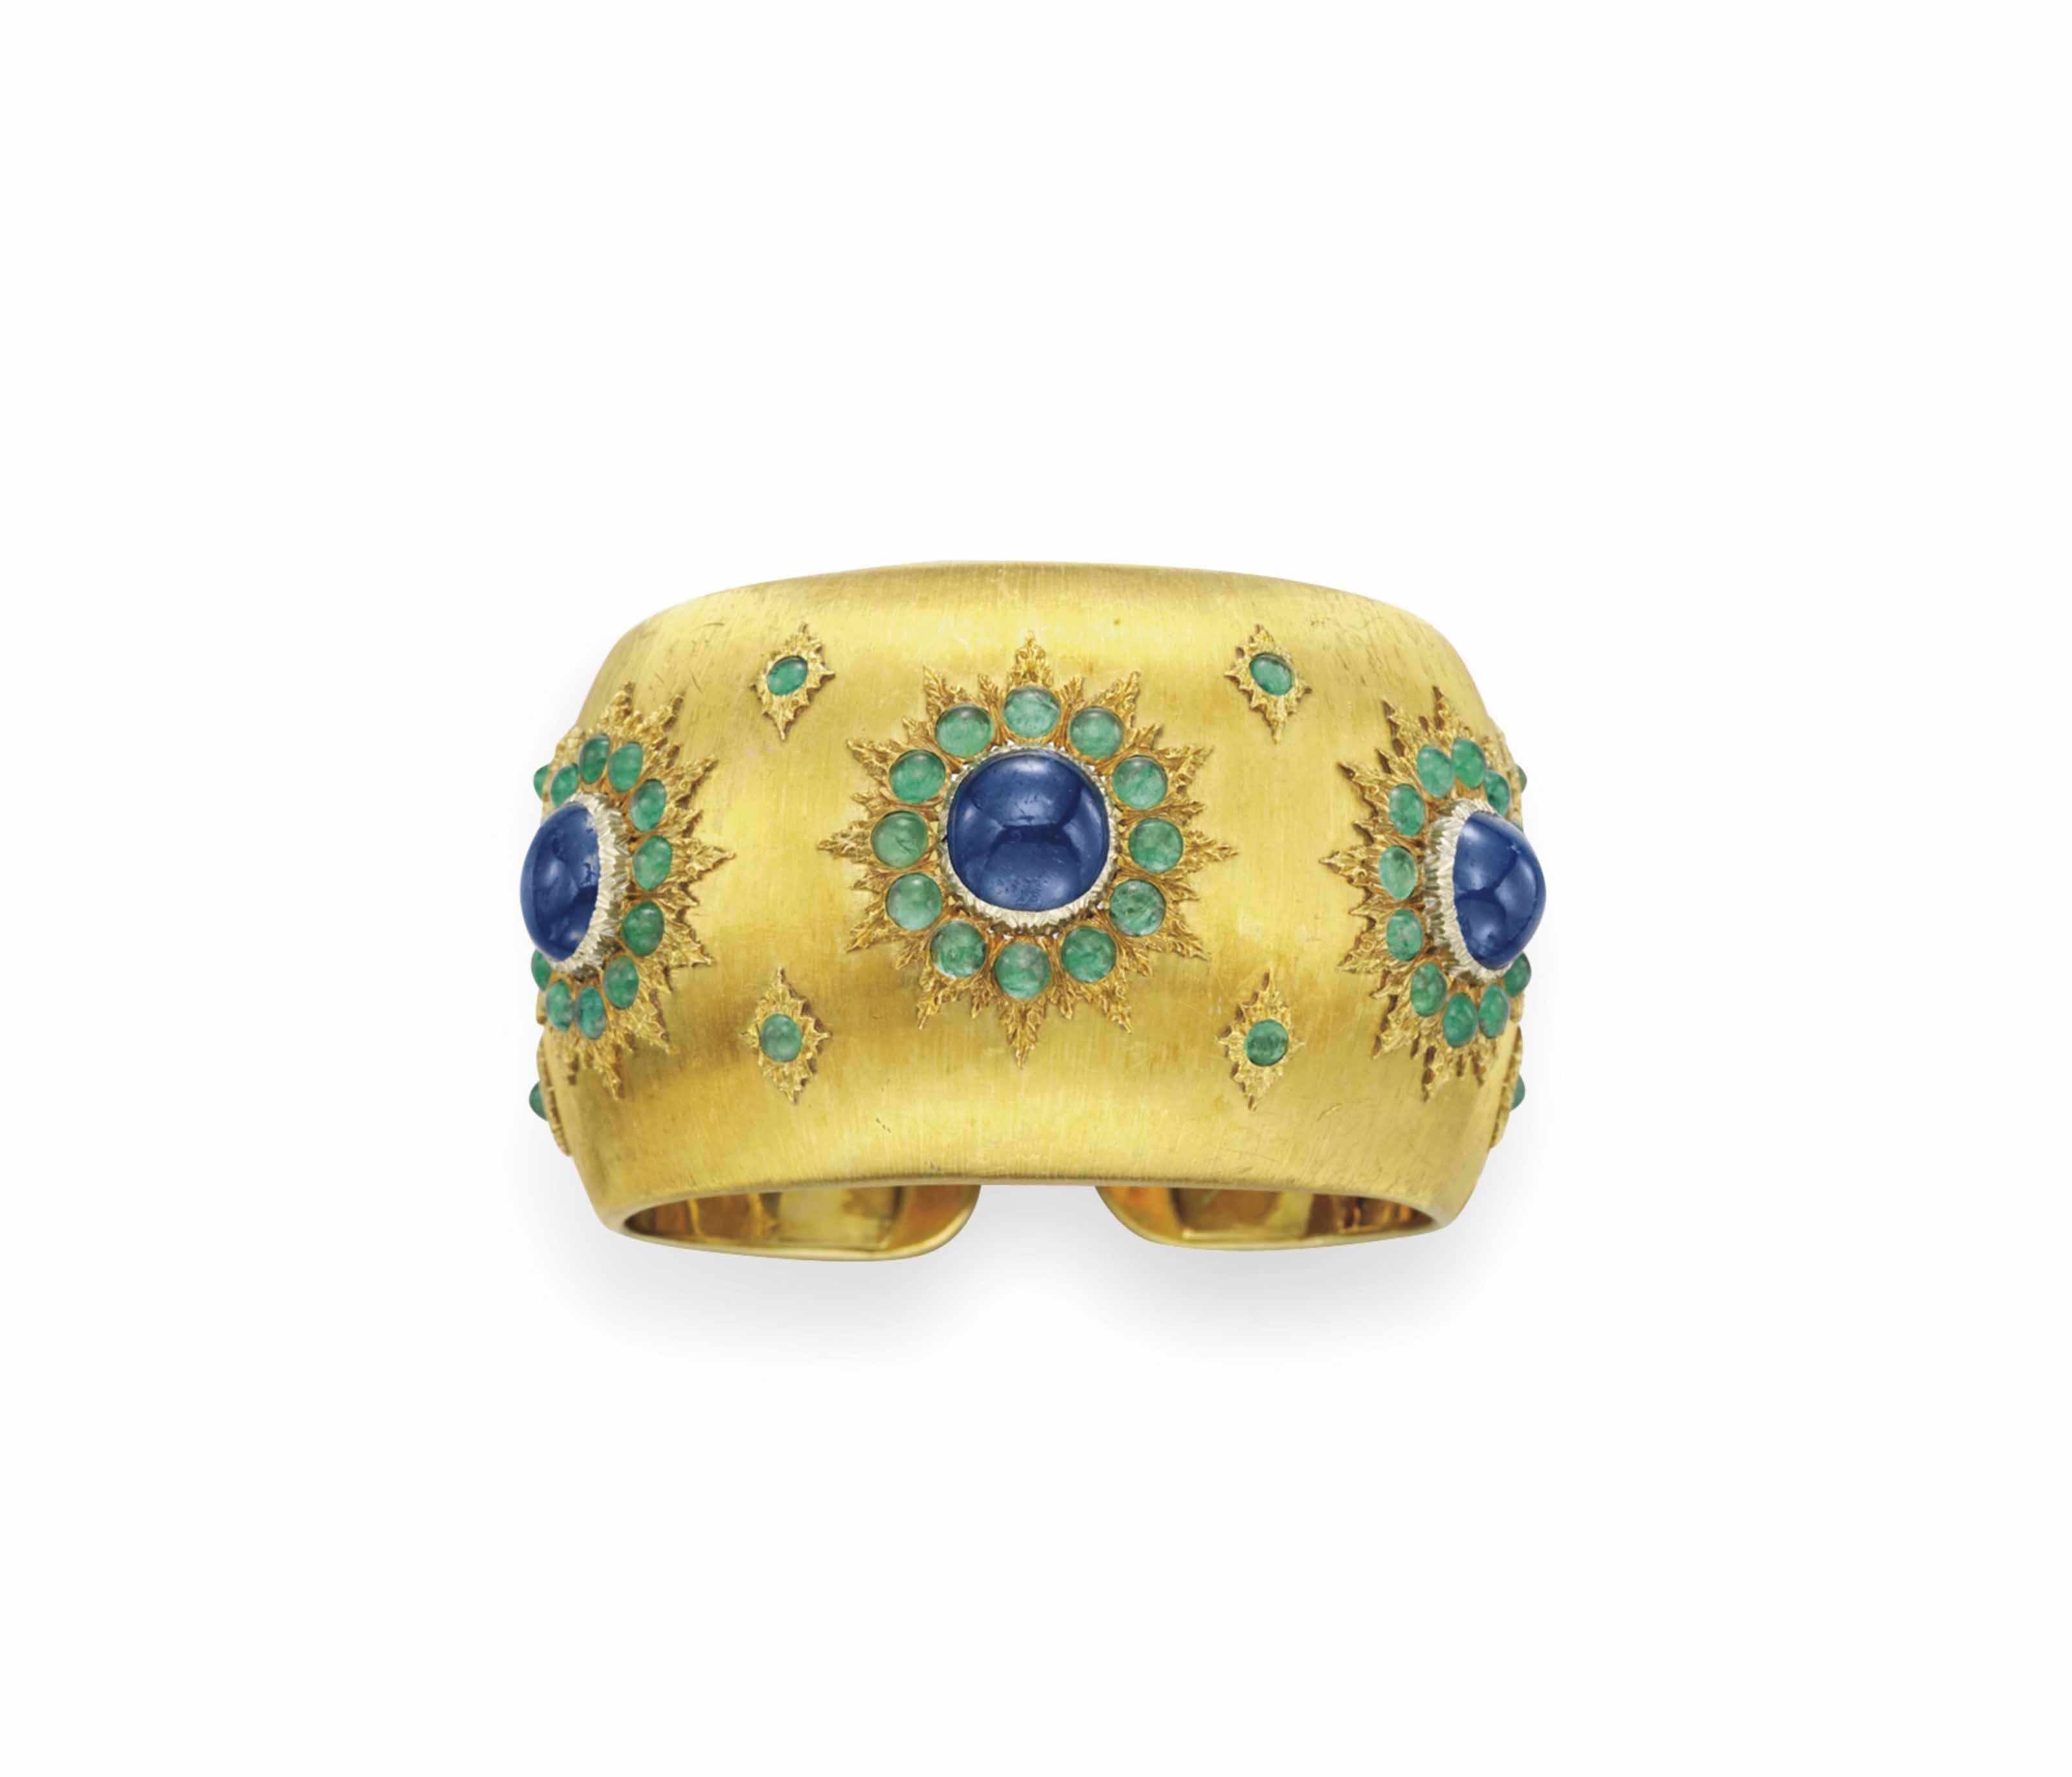 A SAPPHIRE, EMERALD AND GOLD CUFF BRACELET, BY BUCCELLATI